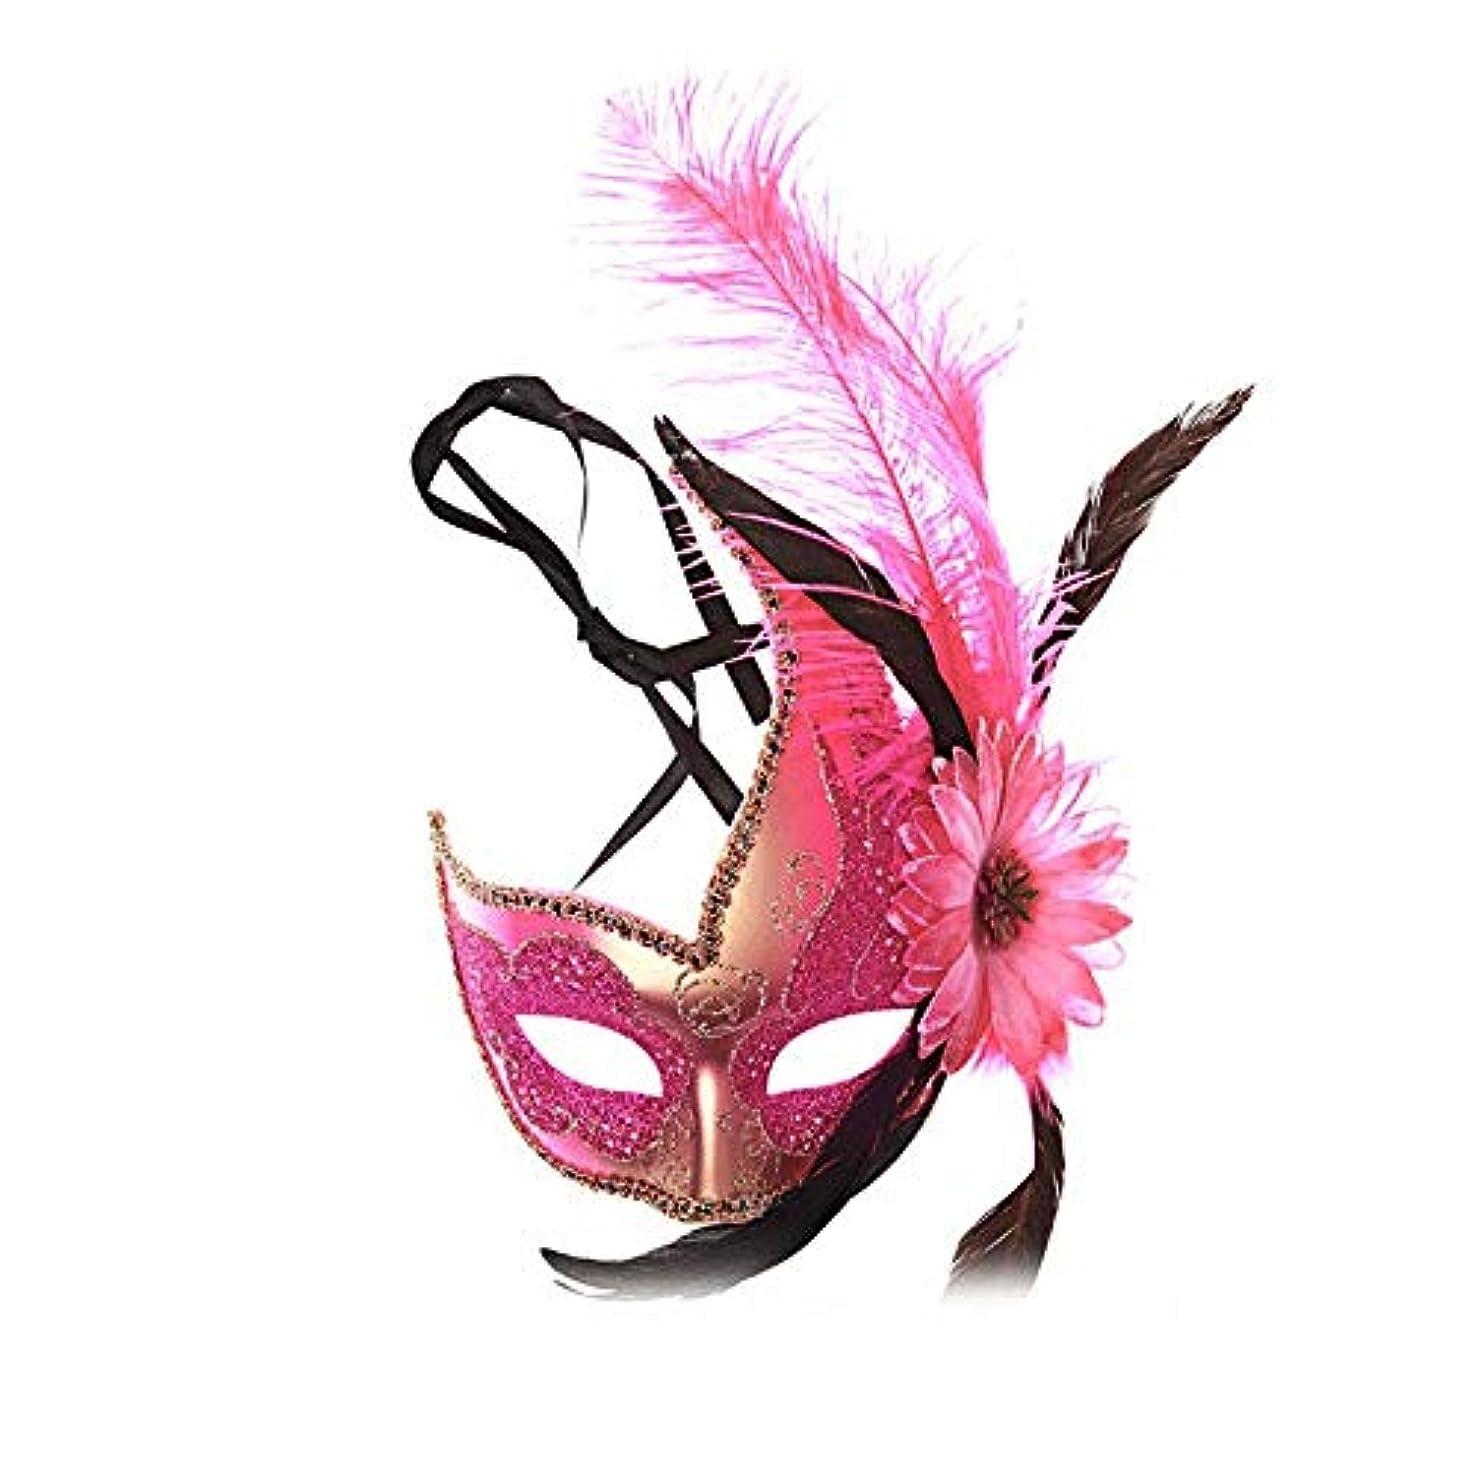 交じるエンコミウム探検Nanle ハロウィンマスクハーフフェザーマスクベニスプリンセスマスク美容レース仮面ライダーコスプレ (色 : Style B rose red)